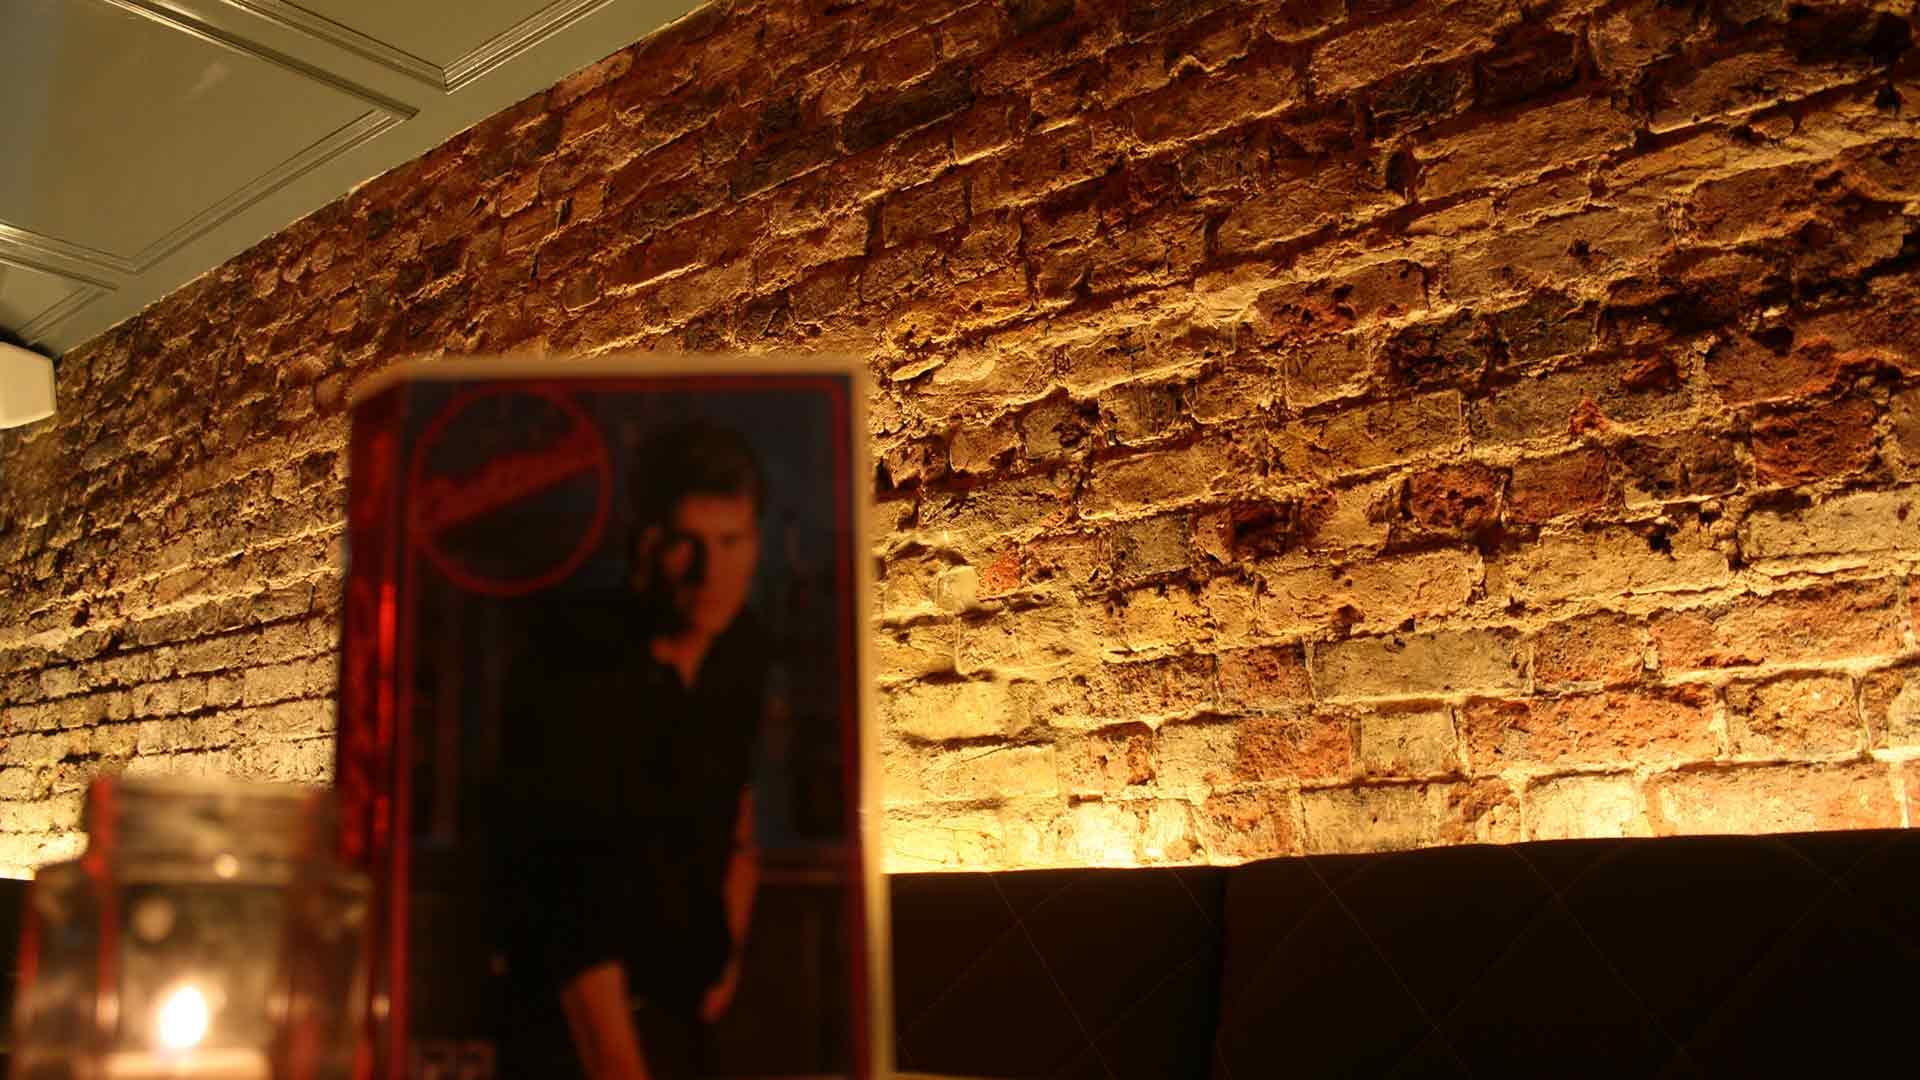 Bar Uplighting Exposed Brickwork Interior Cocktail Menu Nightlife Nulty